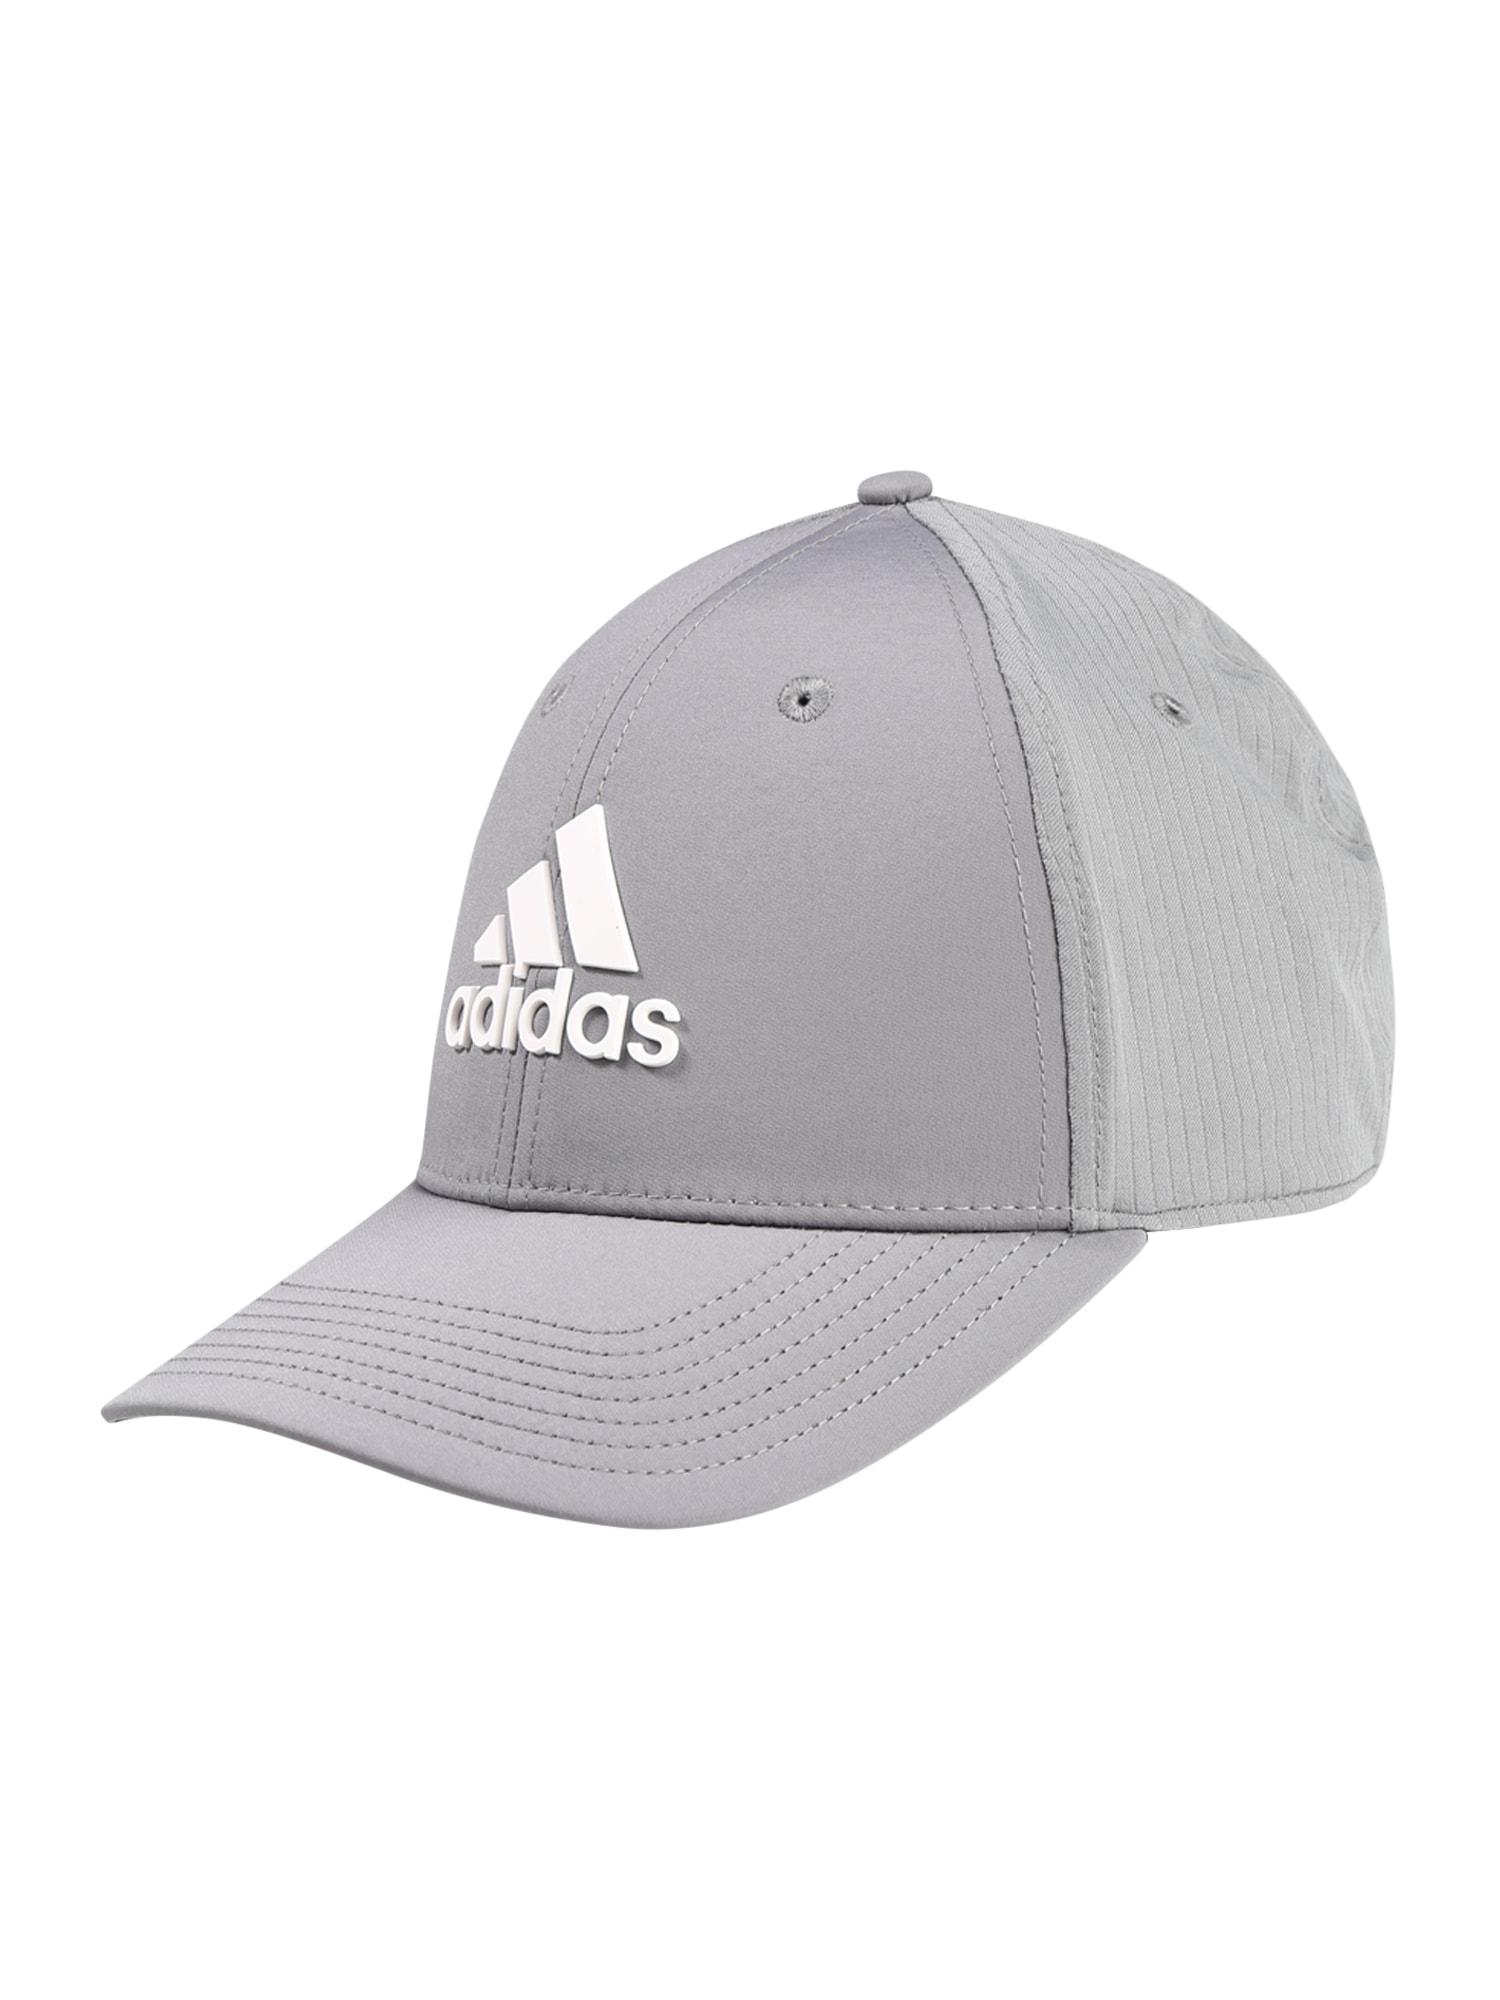 adidas Golf Sportinė kepurė balta / pilka